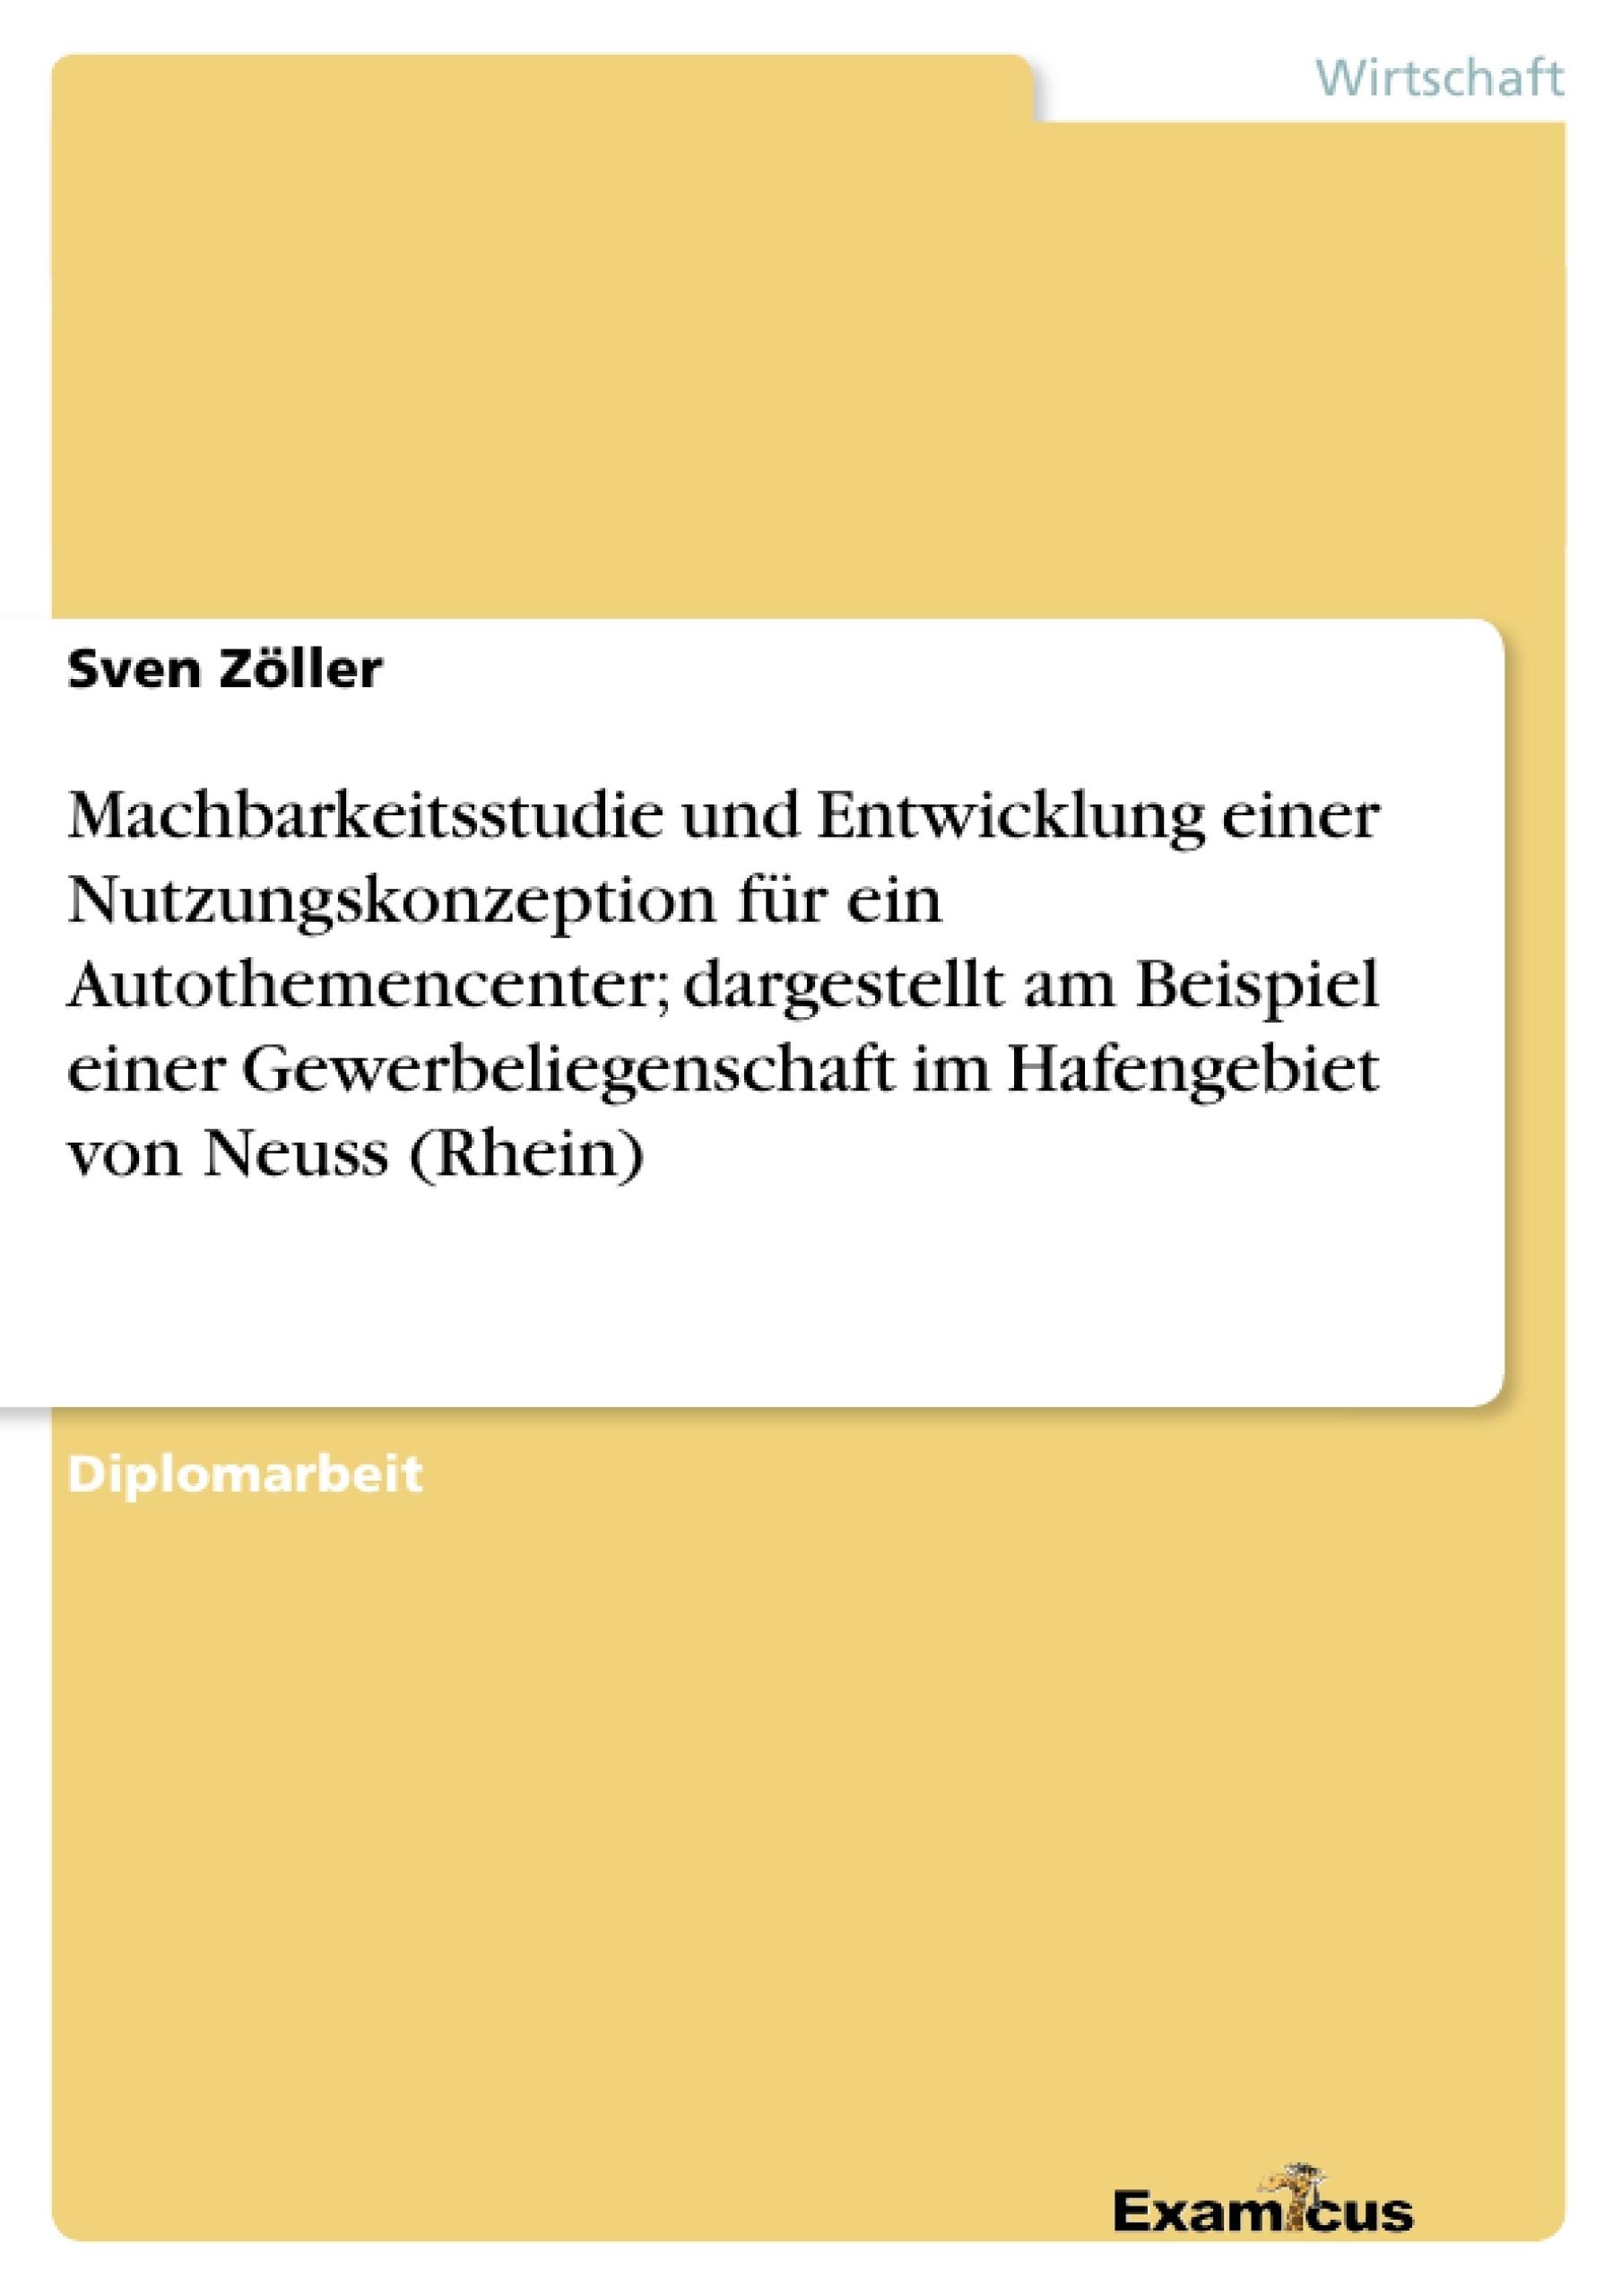 Titel: Machbarkeitsstudie und Entwicklung einer Nutzungskonzeption für ein Autothemencenter; dargestellt am Beispiel einer Gewerbeliegenschaft im Hafengebiet von Neuss (Rhein)